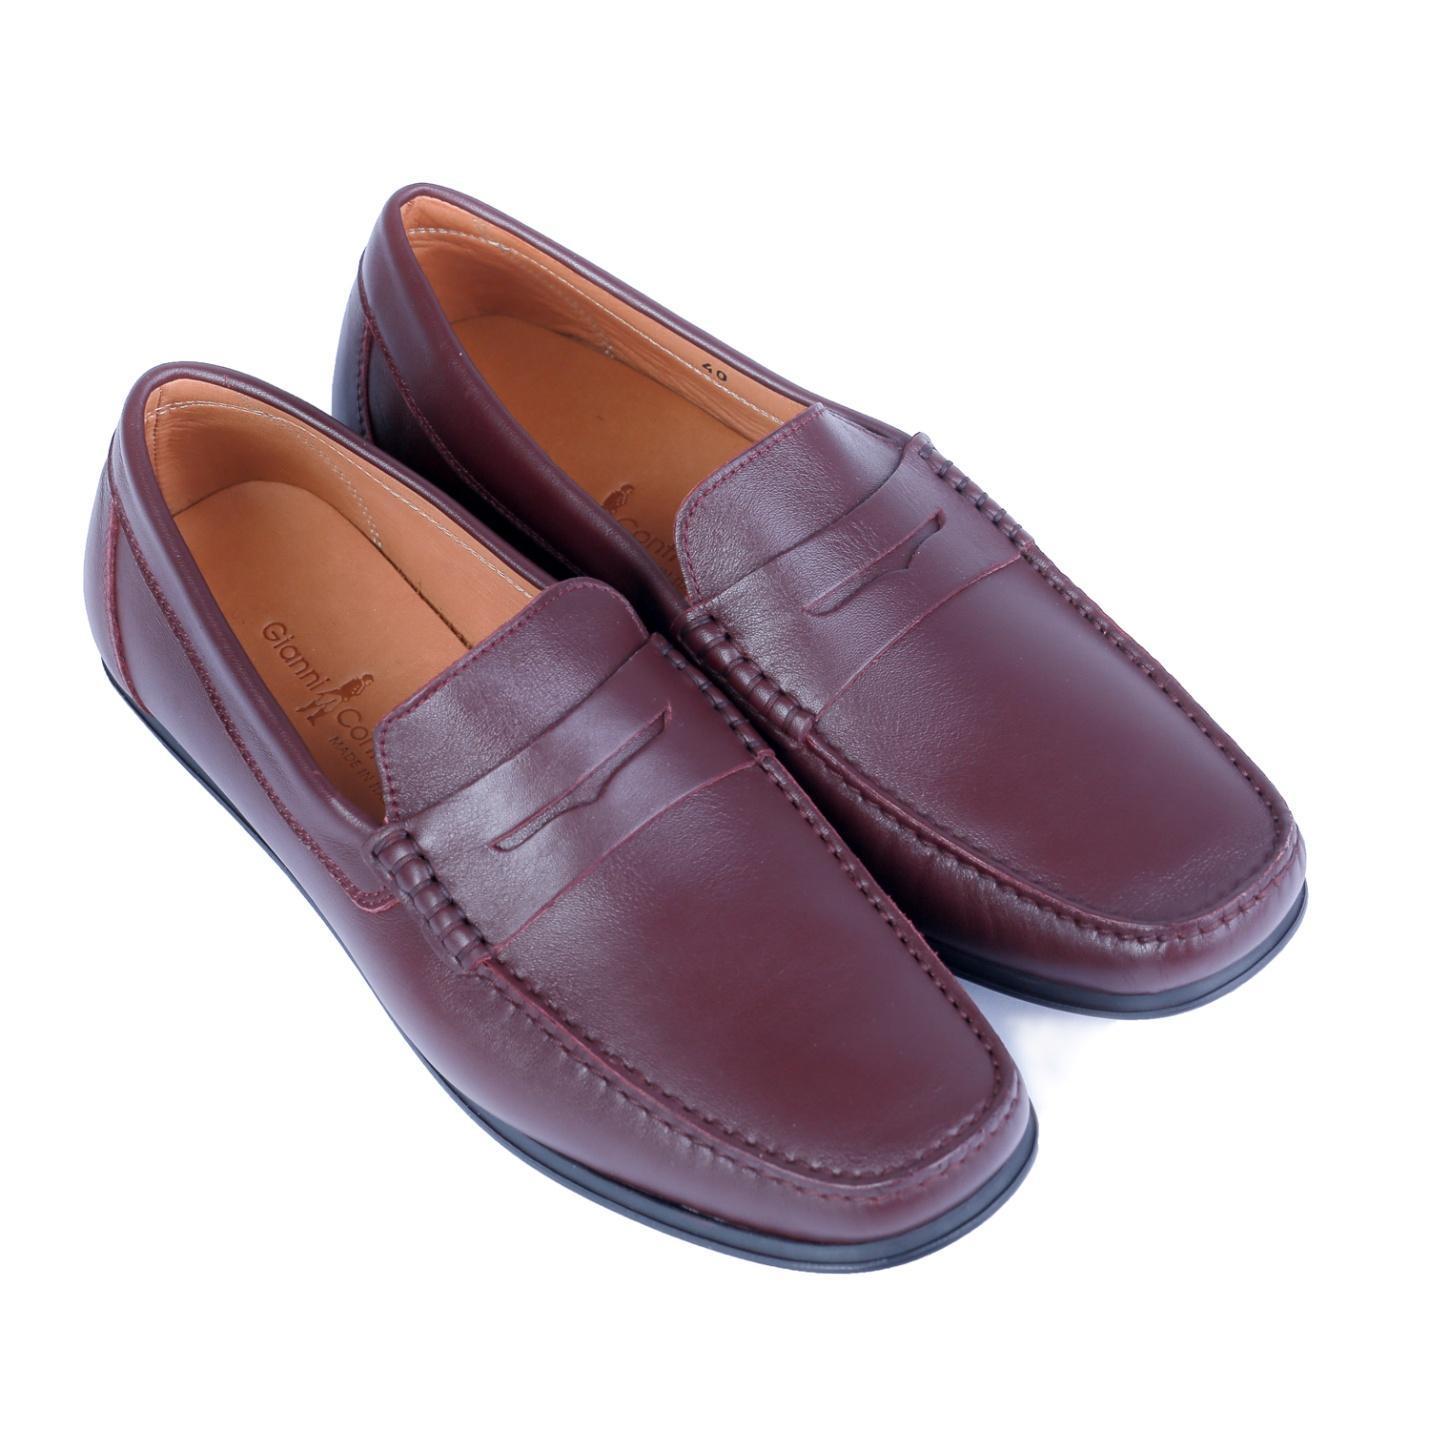 Kết quả hình ảnh cho Những cách bảo dưỡng giày da chất lượng hàng đầu cho phái mạnh